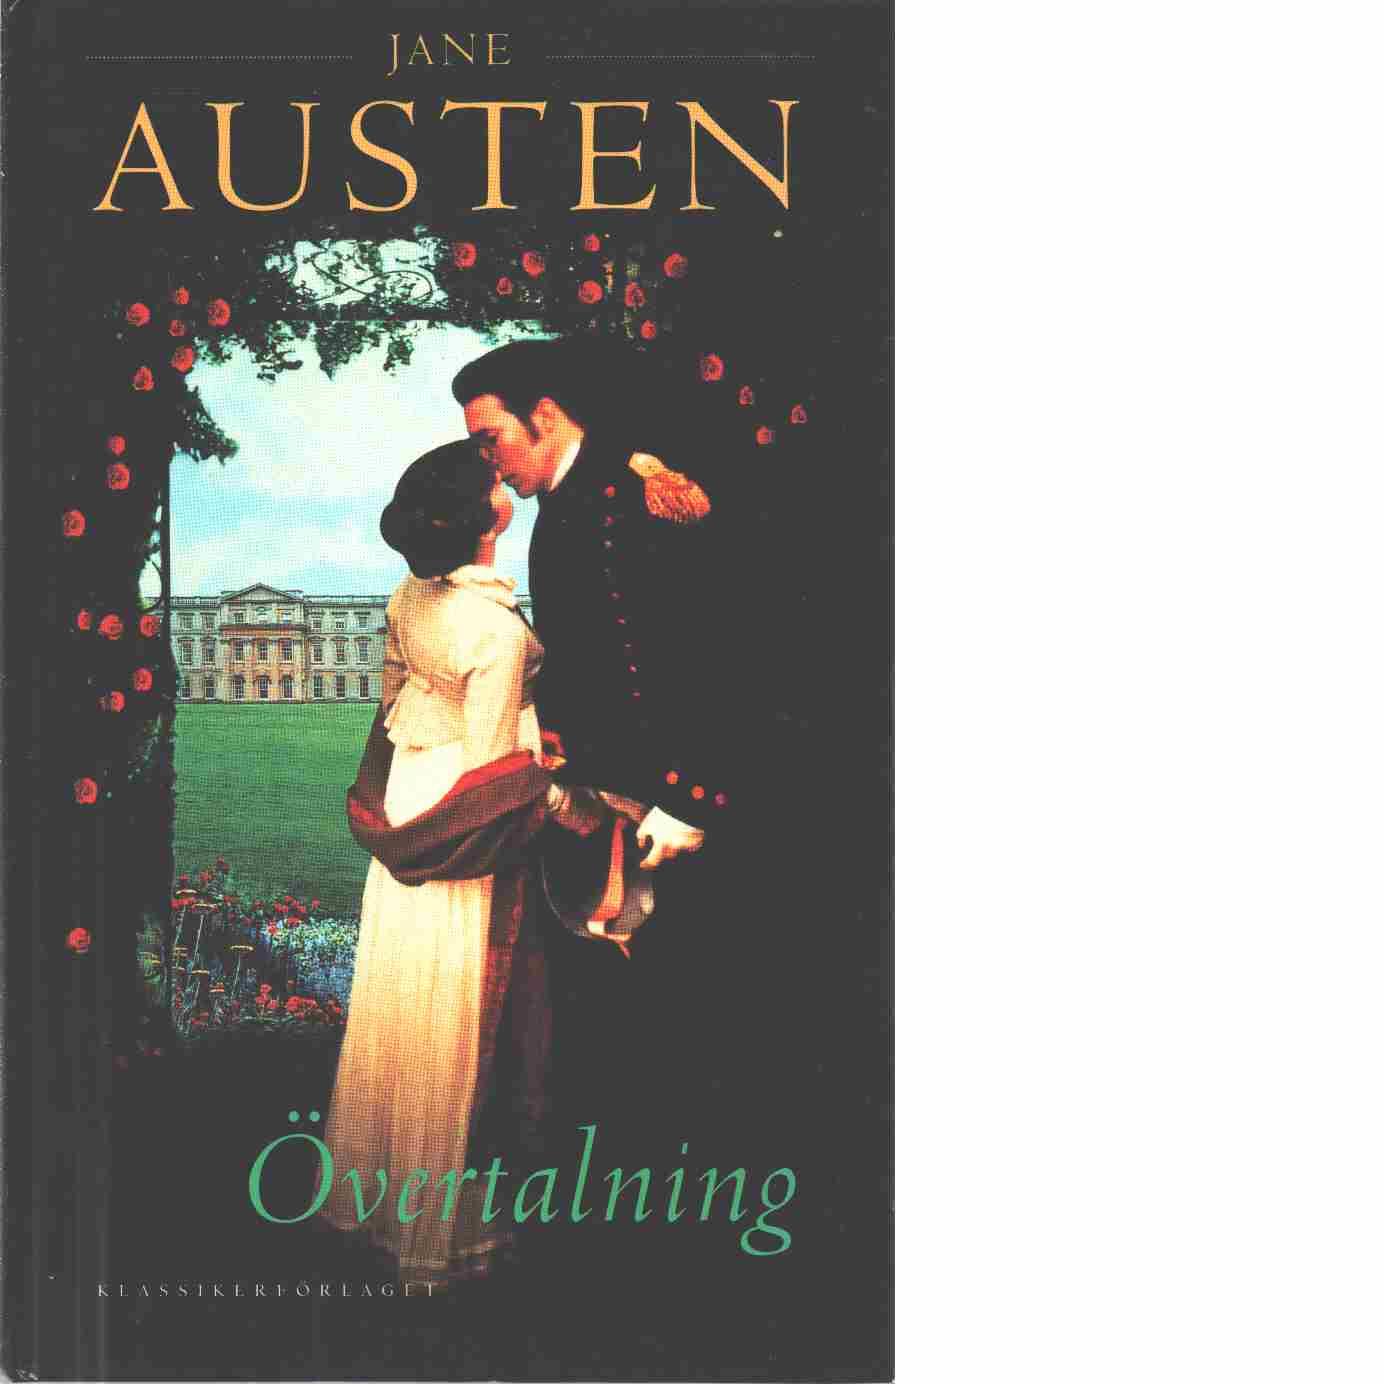 Övertalning - Austen, Jane